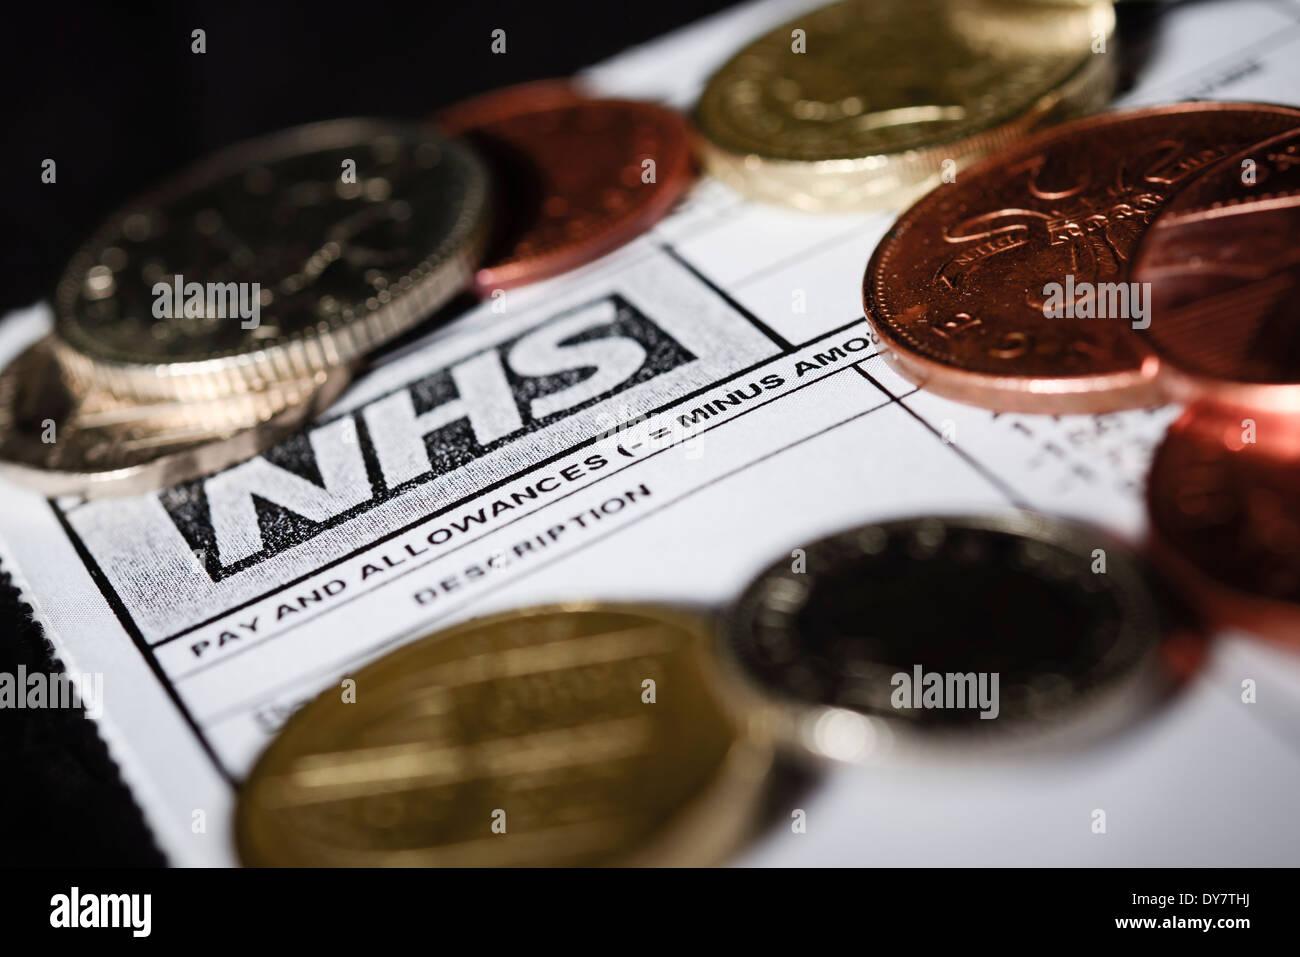 NHS Haushaltskürzungen Konzept - eine generische NHS Gehaltsabrechnung Lohn-oder Gehaltsabrechnung mit britischen Stockfoto